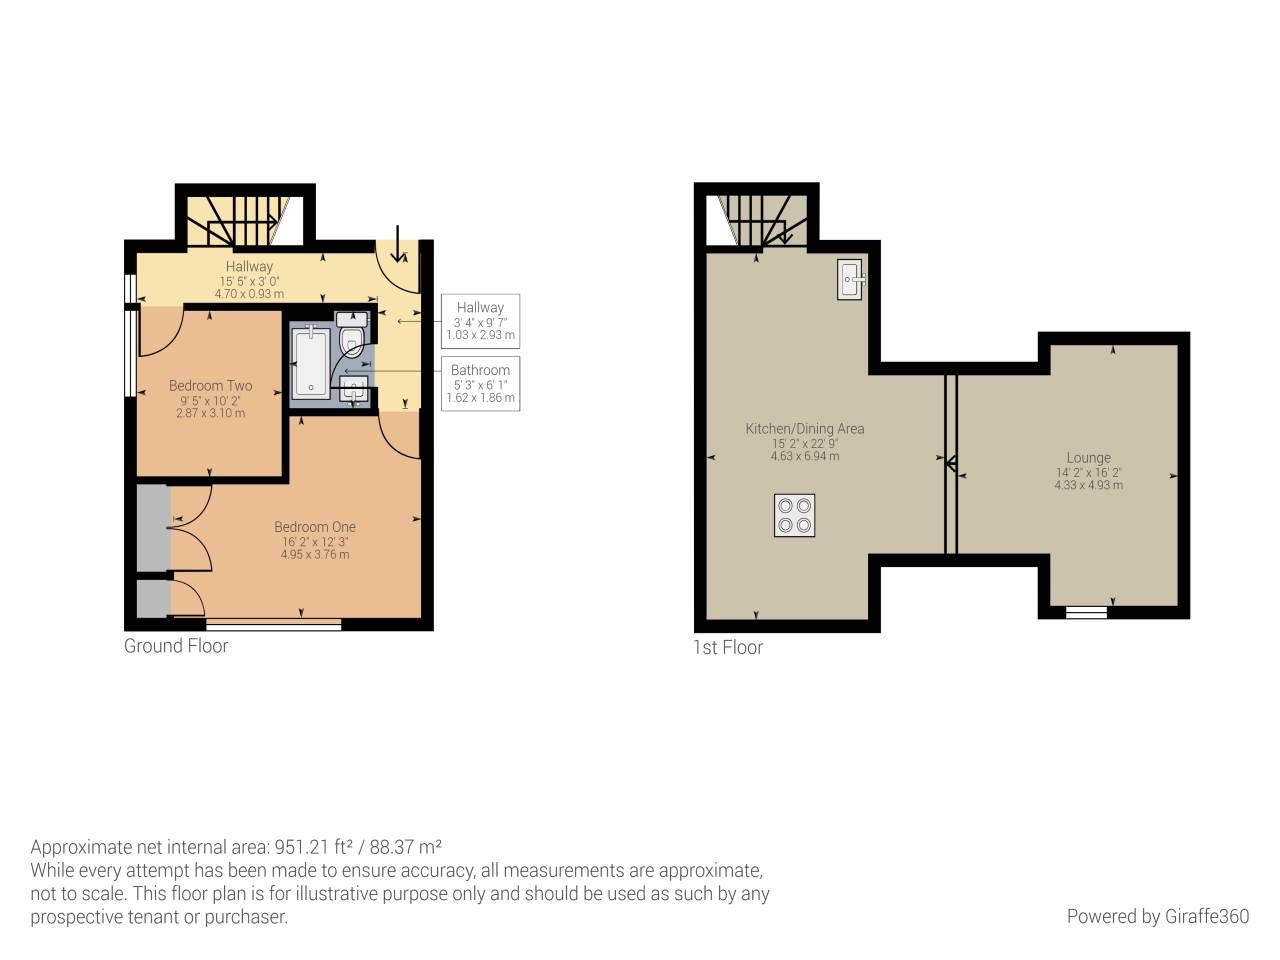 floorplan01_ALL